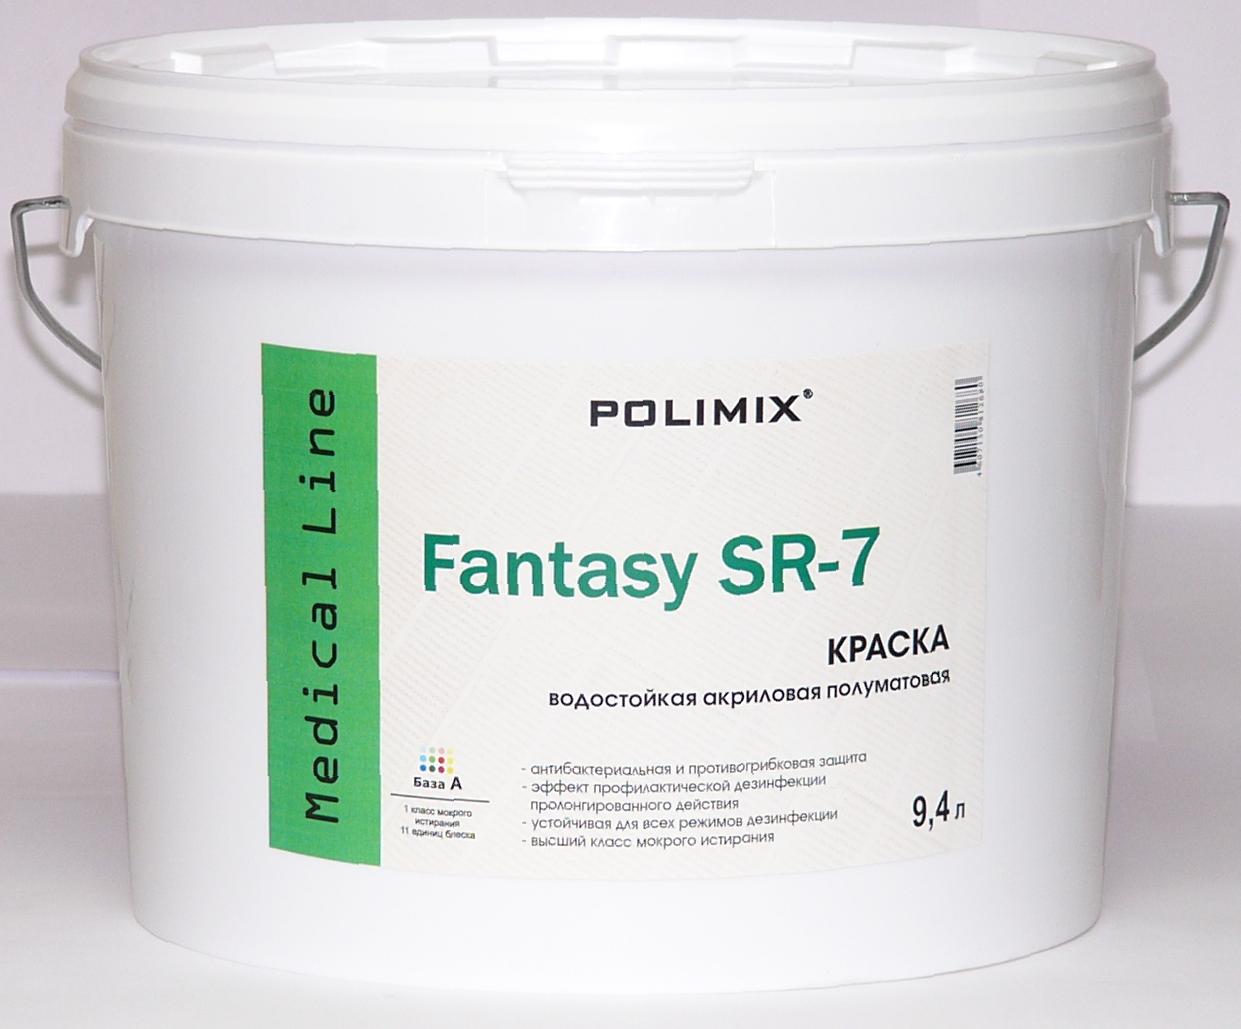 Купить Polimix Fantasy SR-7 и SR-8 в Краснодаре